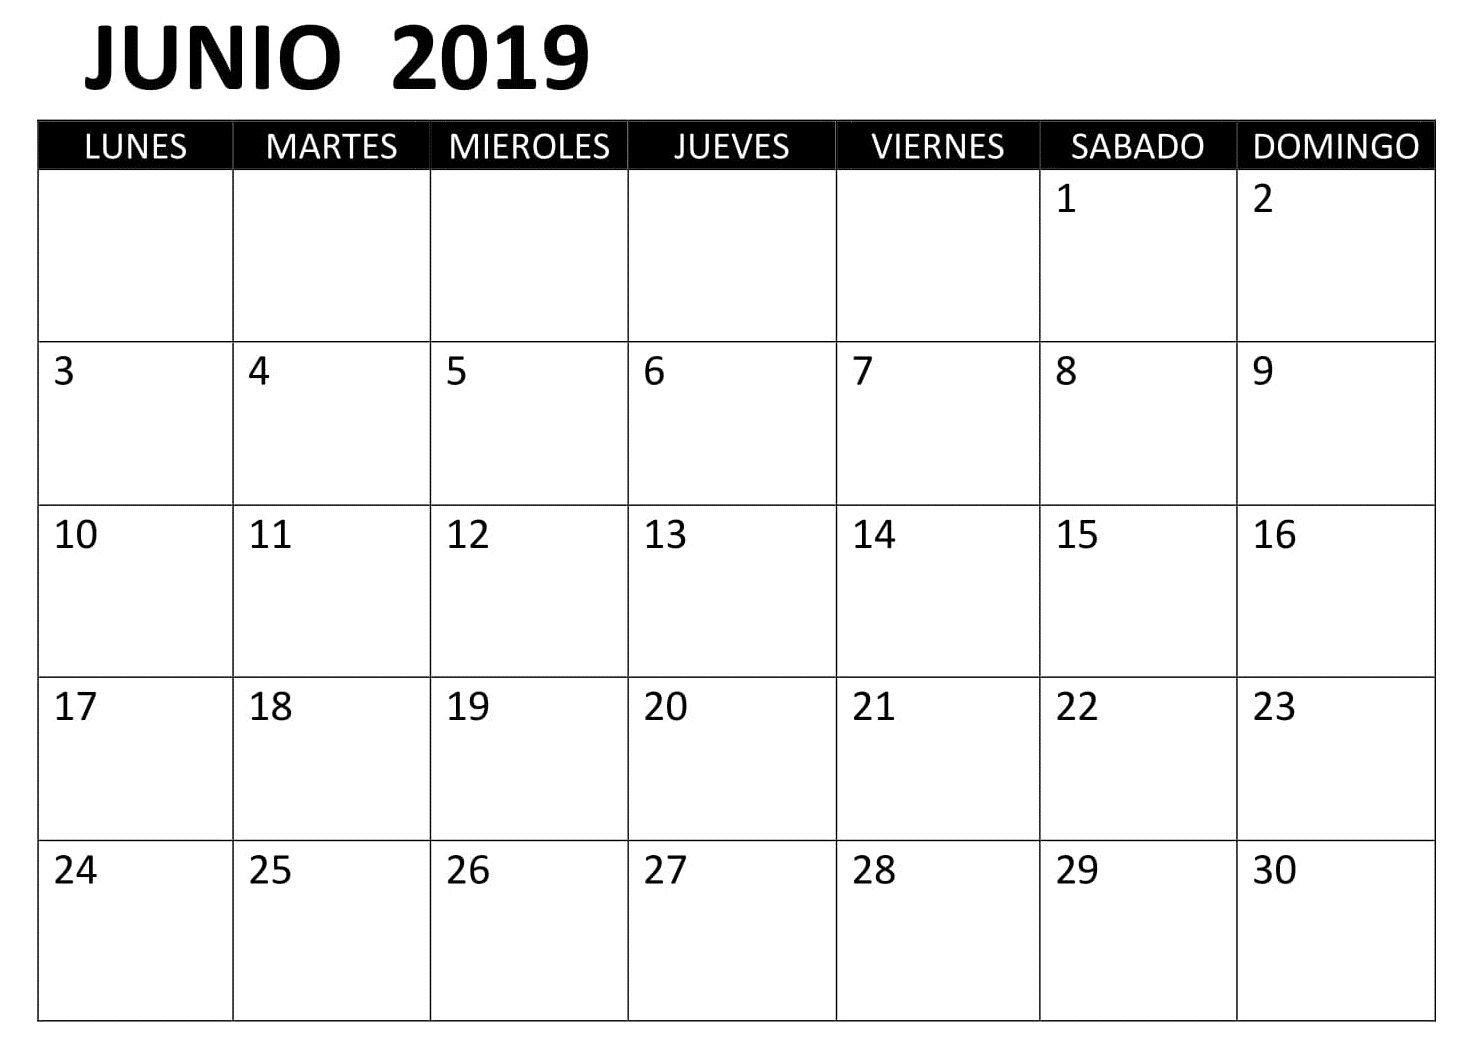 Calendario Su Excel.Junio Calendario 2019 Excel Calendario Junio 2019 June